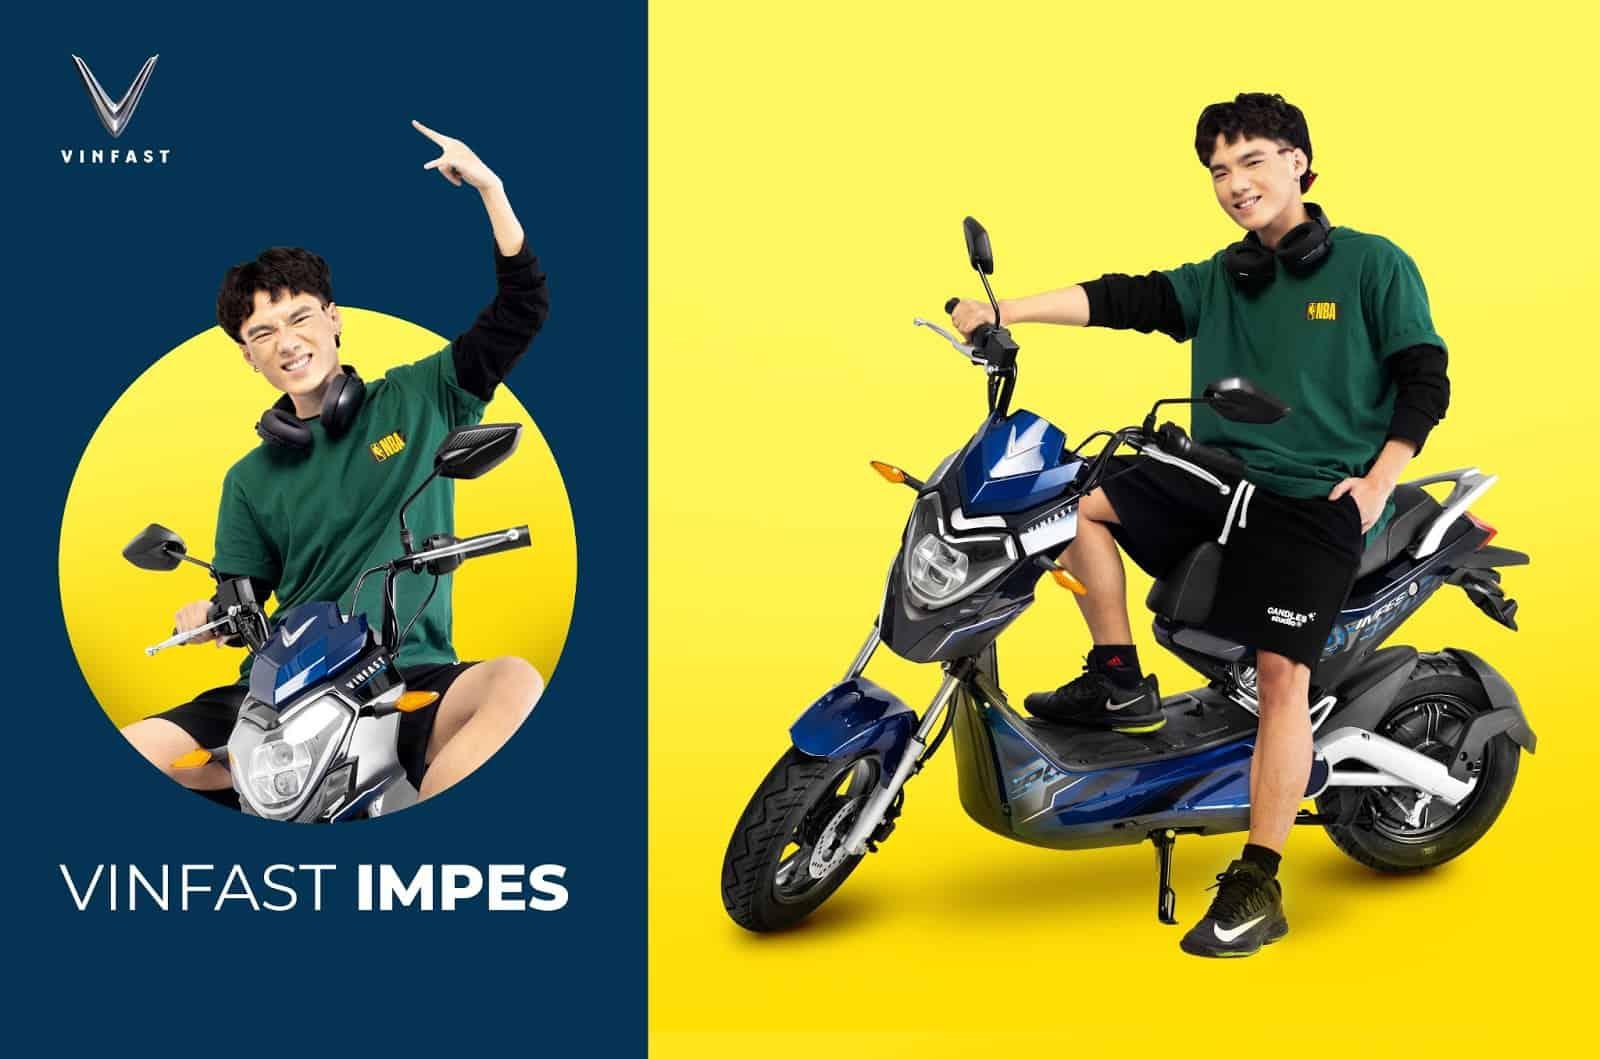 VinFast Impes sở hữu kiểu dáng hiện đại đầy cá tính